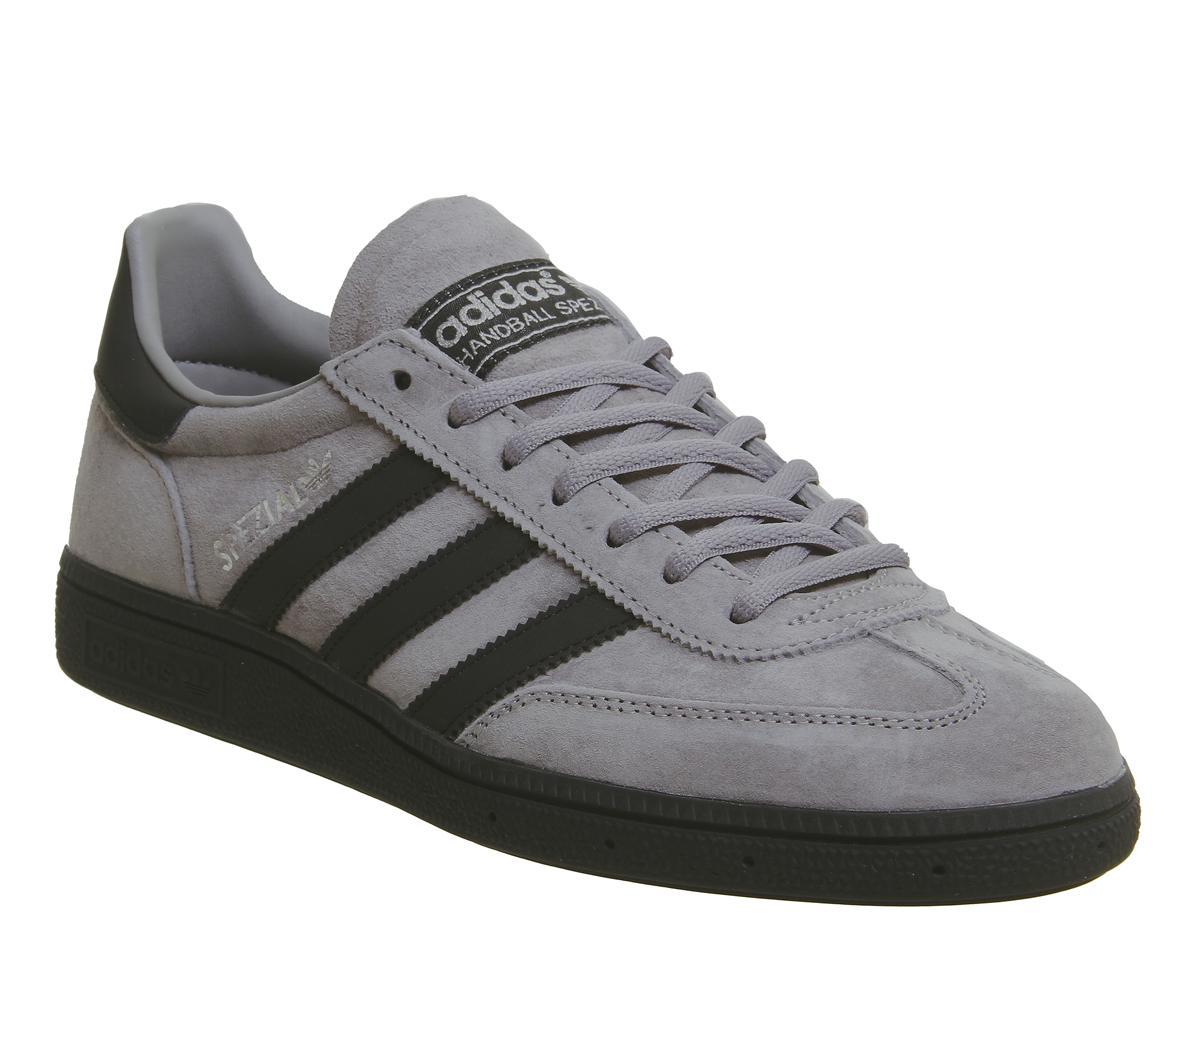 adidas spezial grey